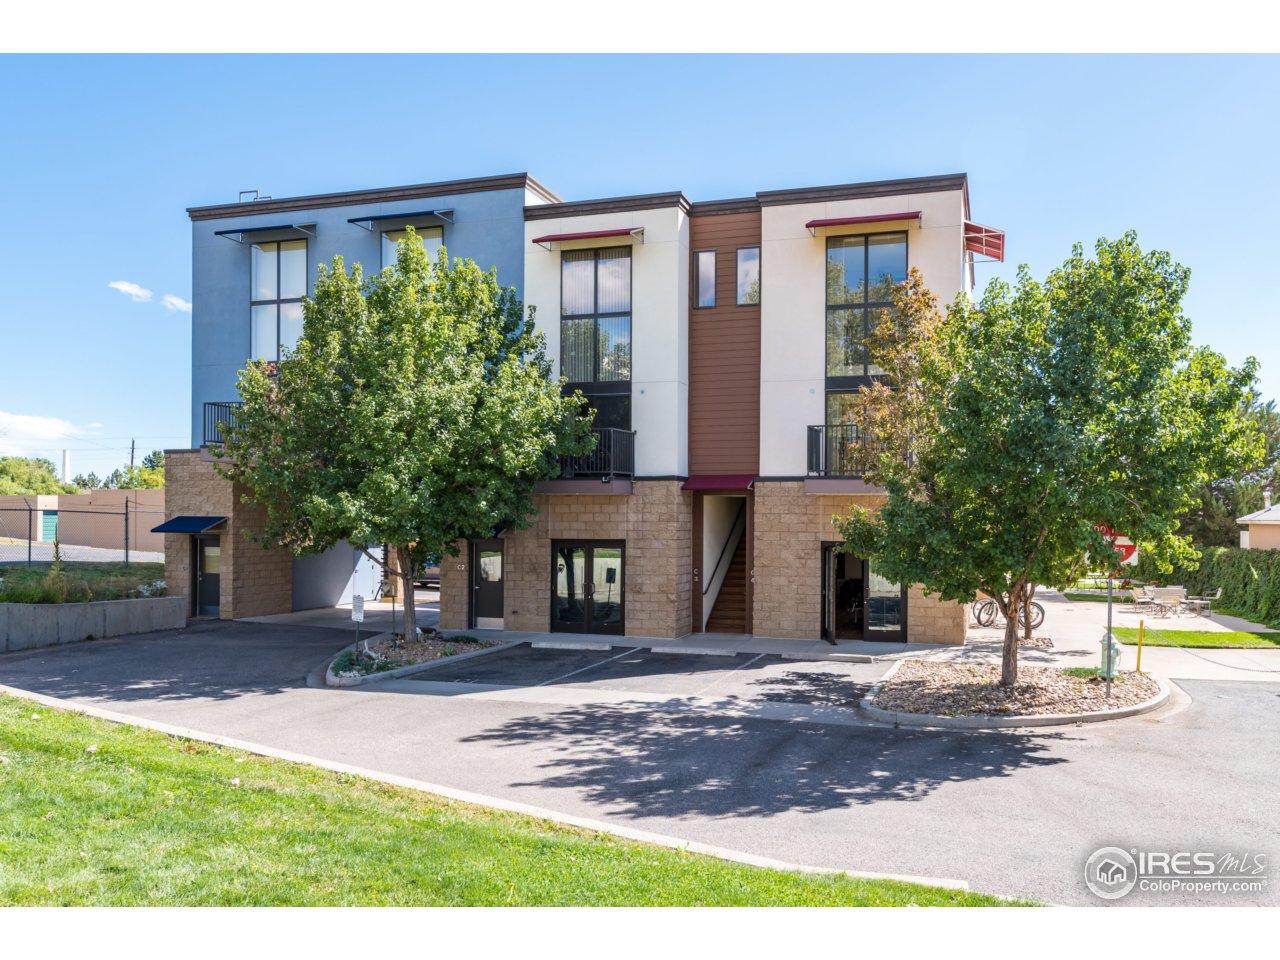 4645 Broadway St C-4, Boulder CO 80304